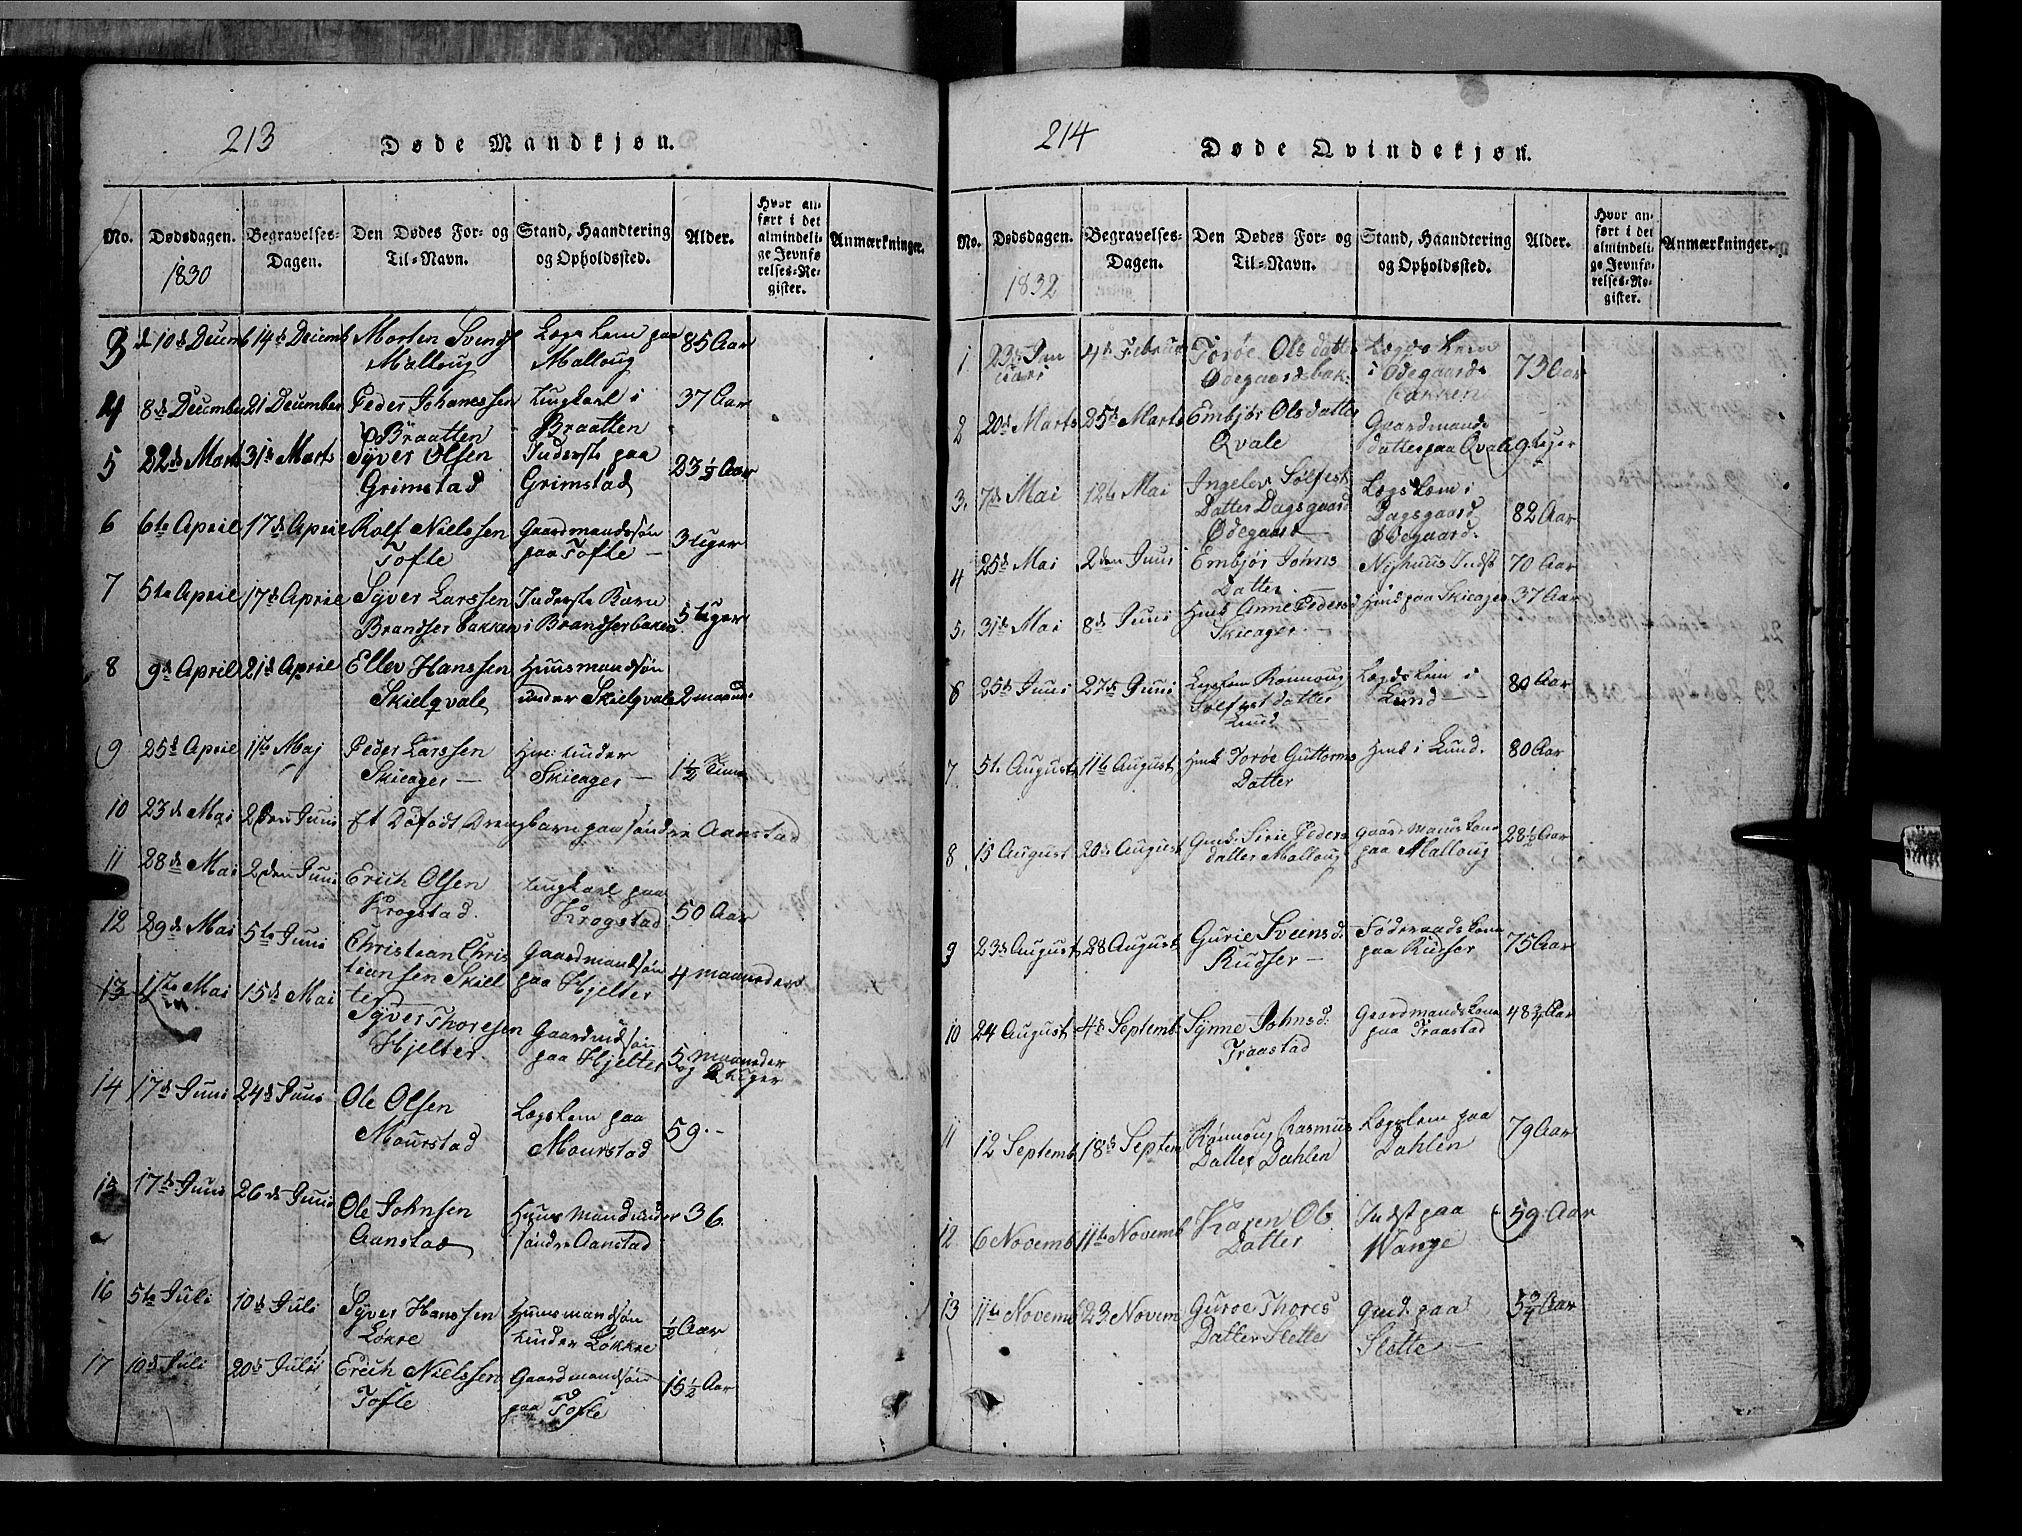 SAH, Lom prestekontor, L/L0003: Klokkerbok nr. 3, 1815-1844, s. 213-214